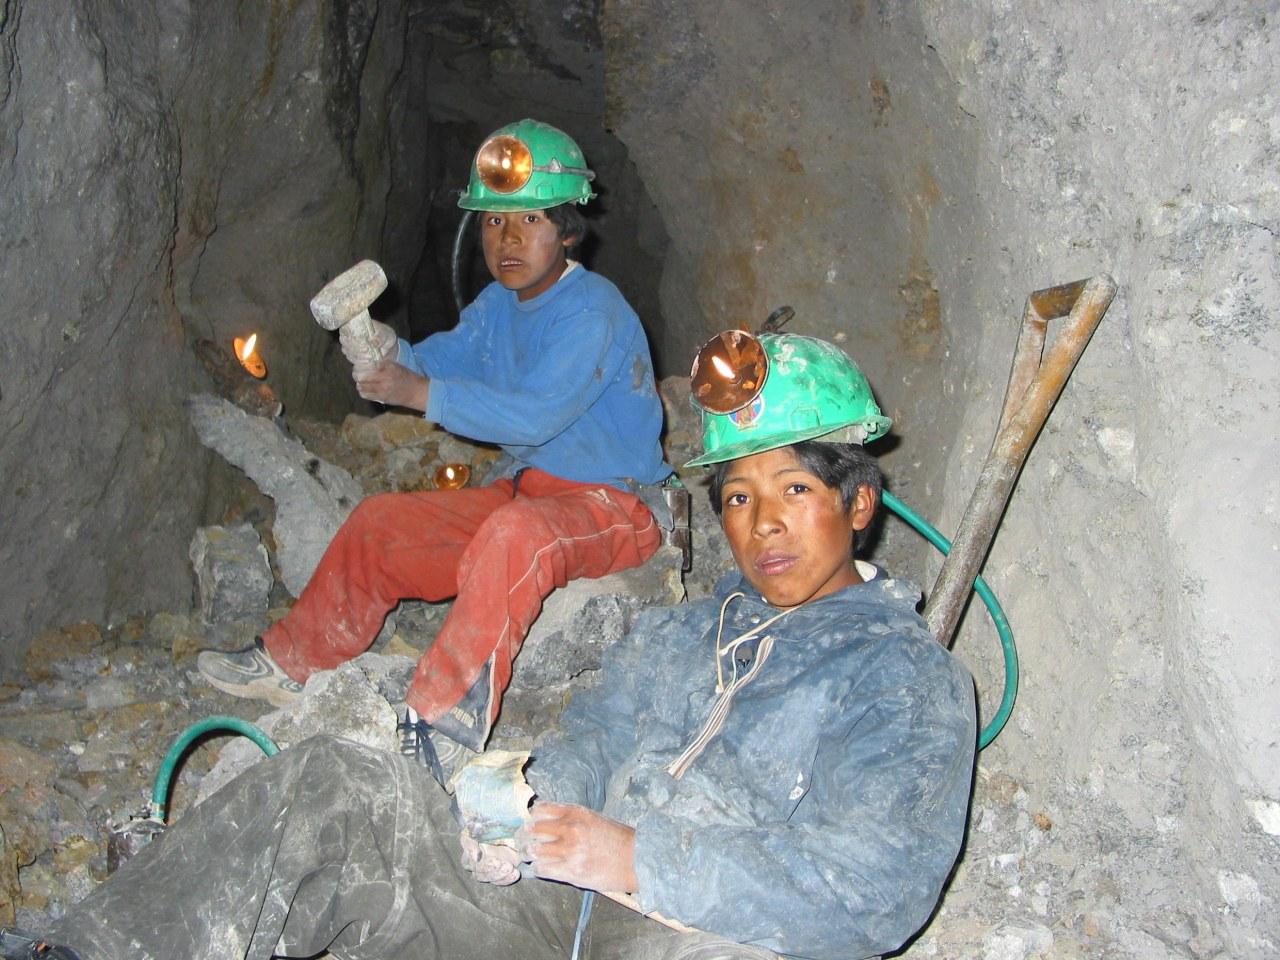 Devil's Miner - Der Berg des Teufels - Bild 1